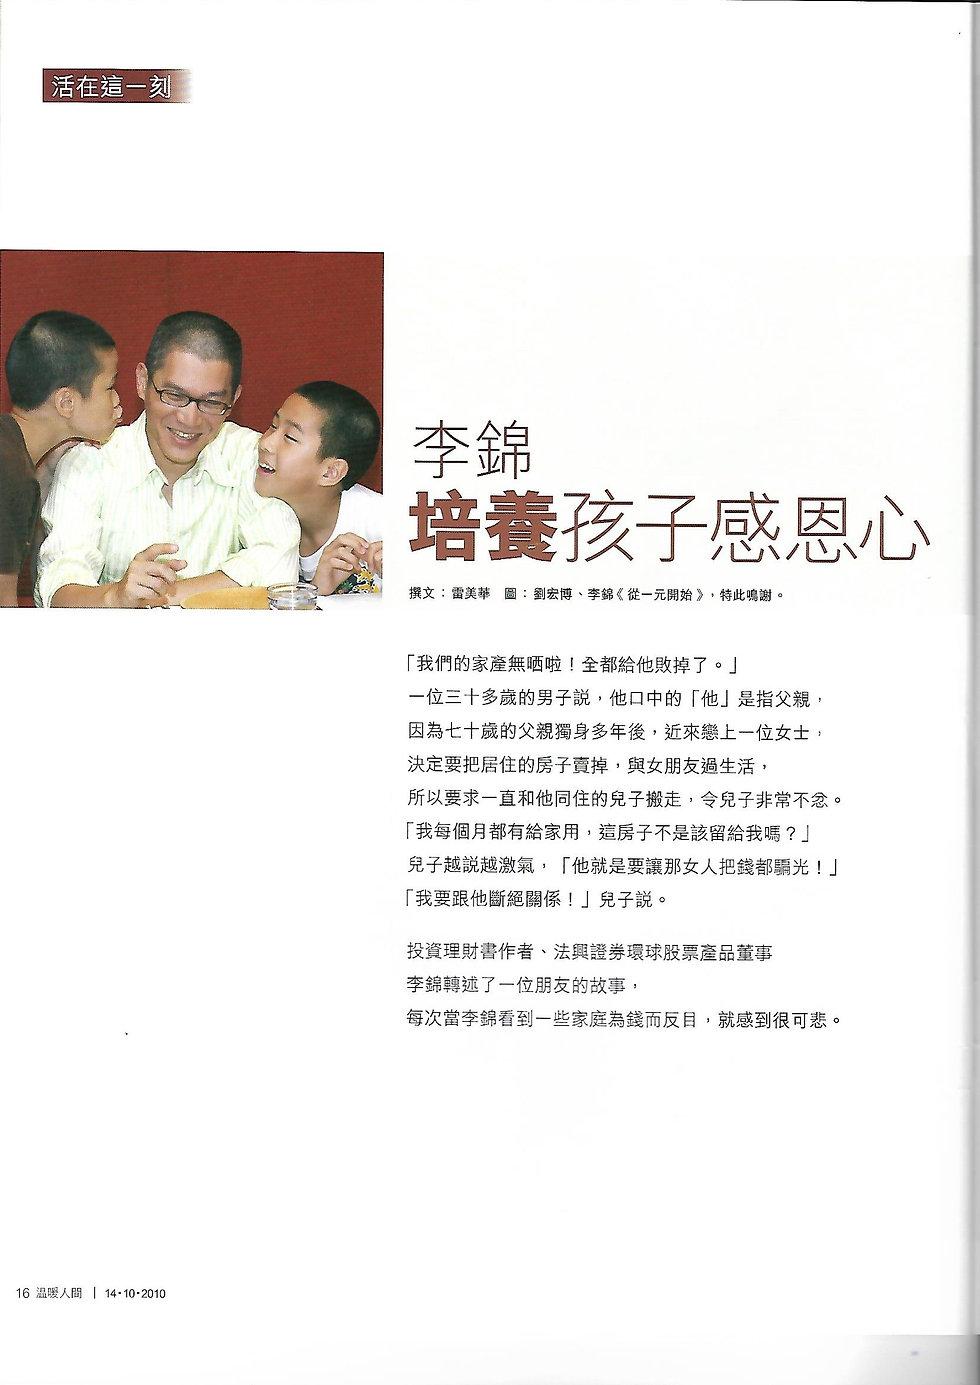 20101014_溫暖人間_Page_1.jpg